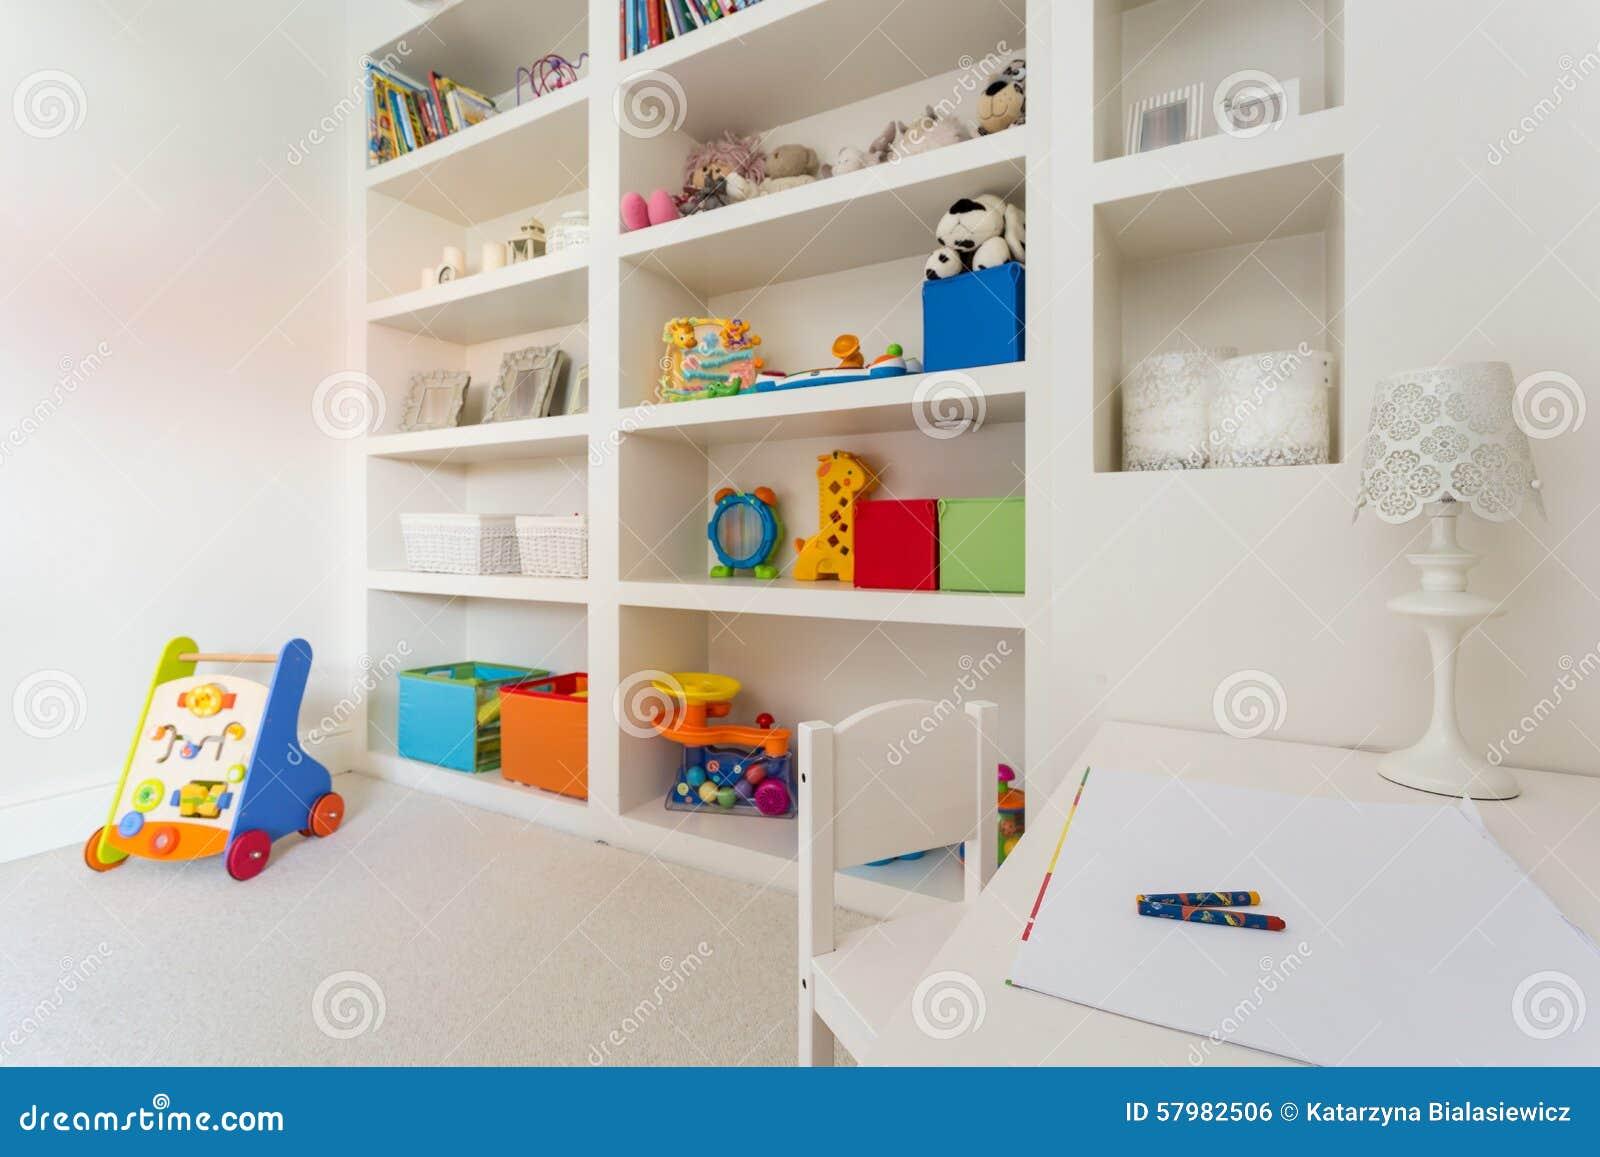 gemtliche ecke kinderzimmer - 28 images - ziemlich gemtliche ecke ...